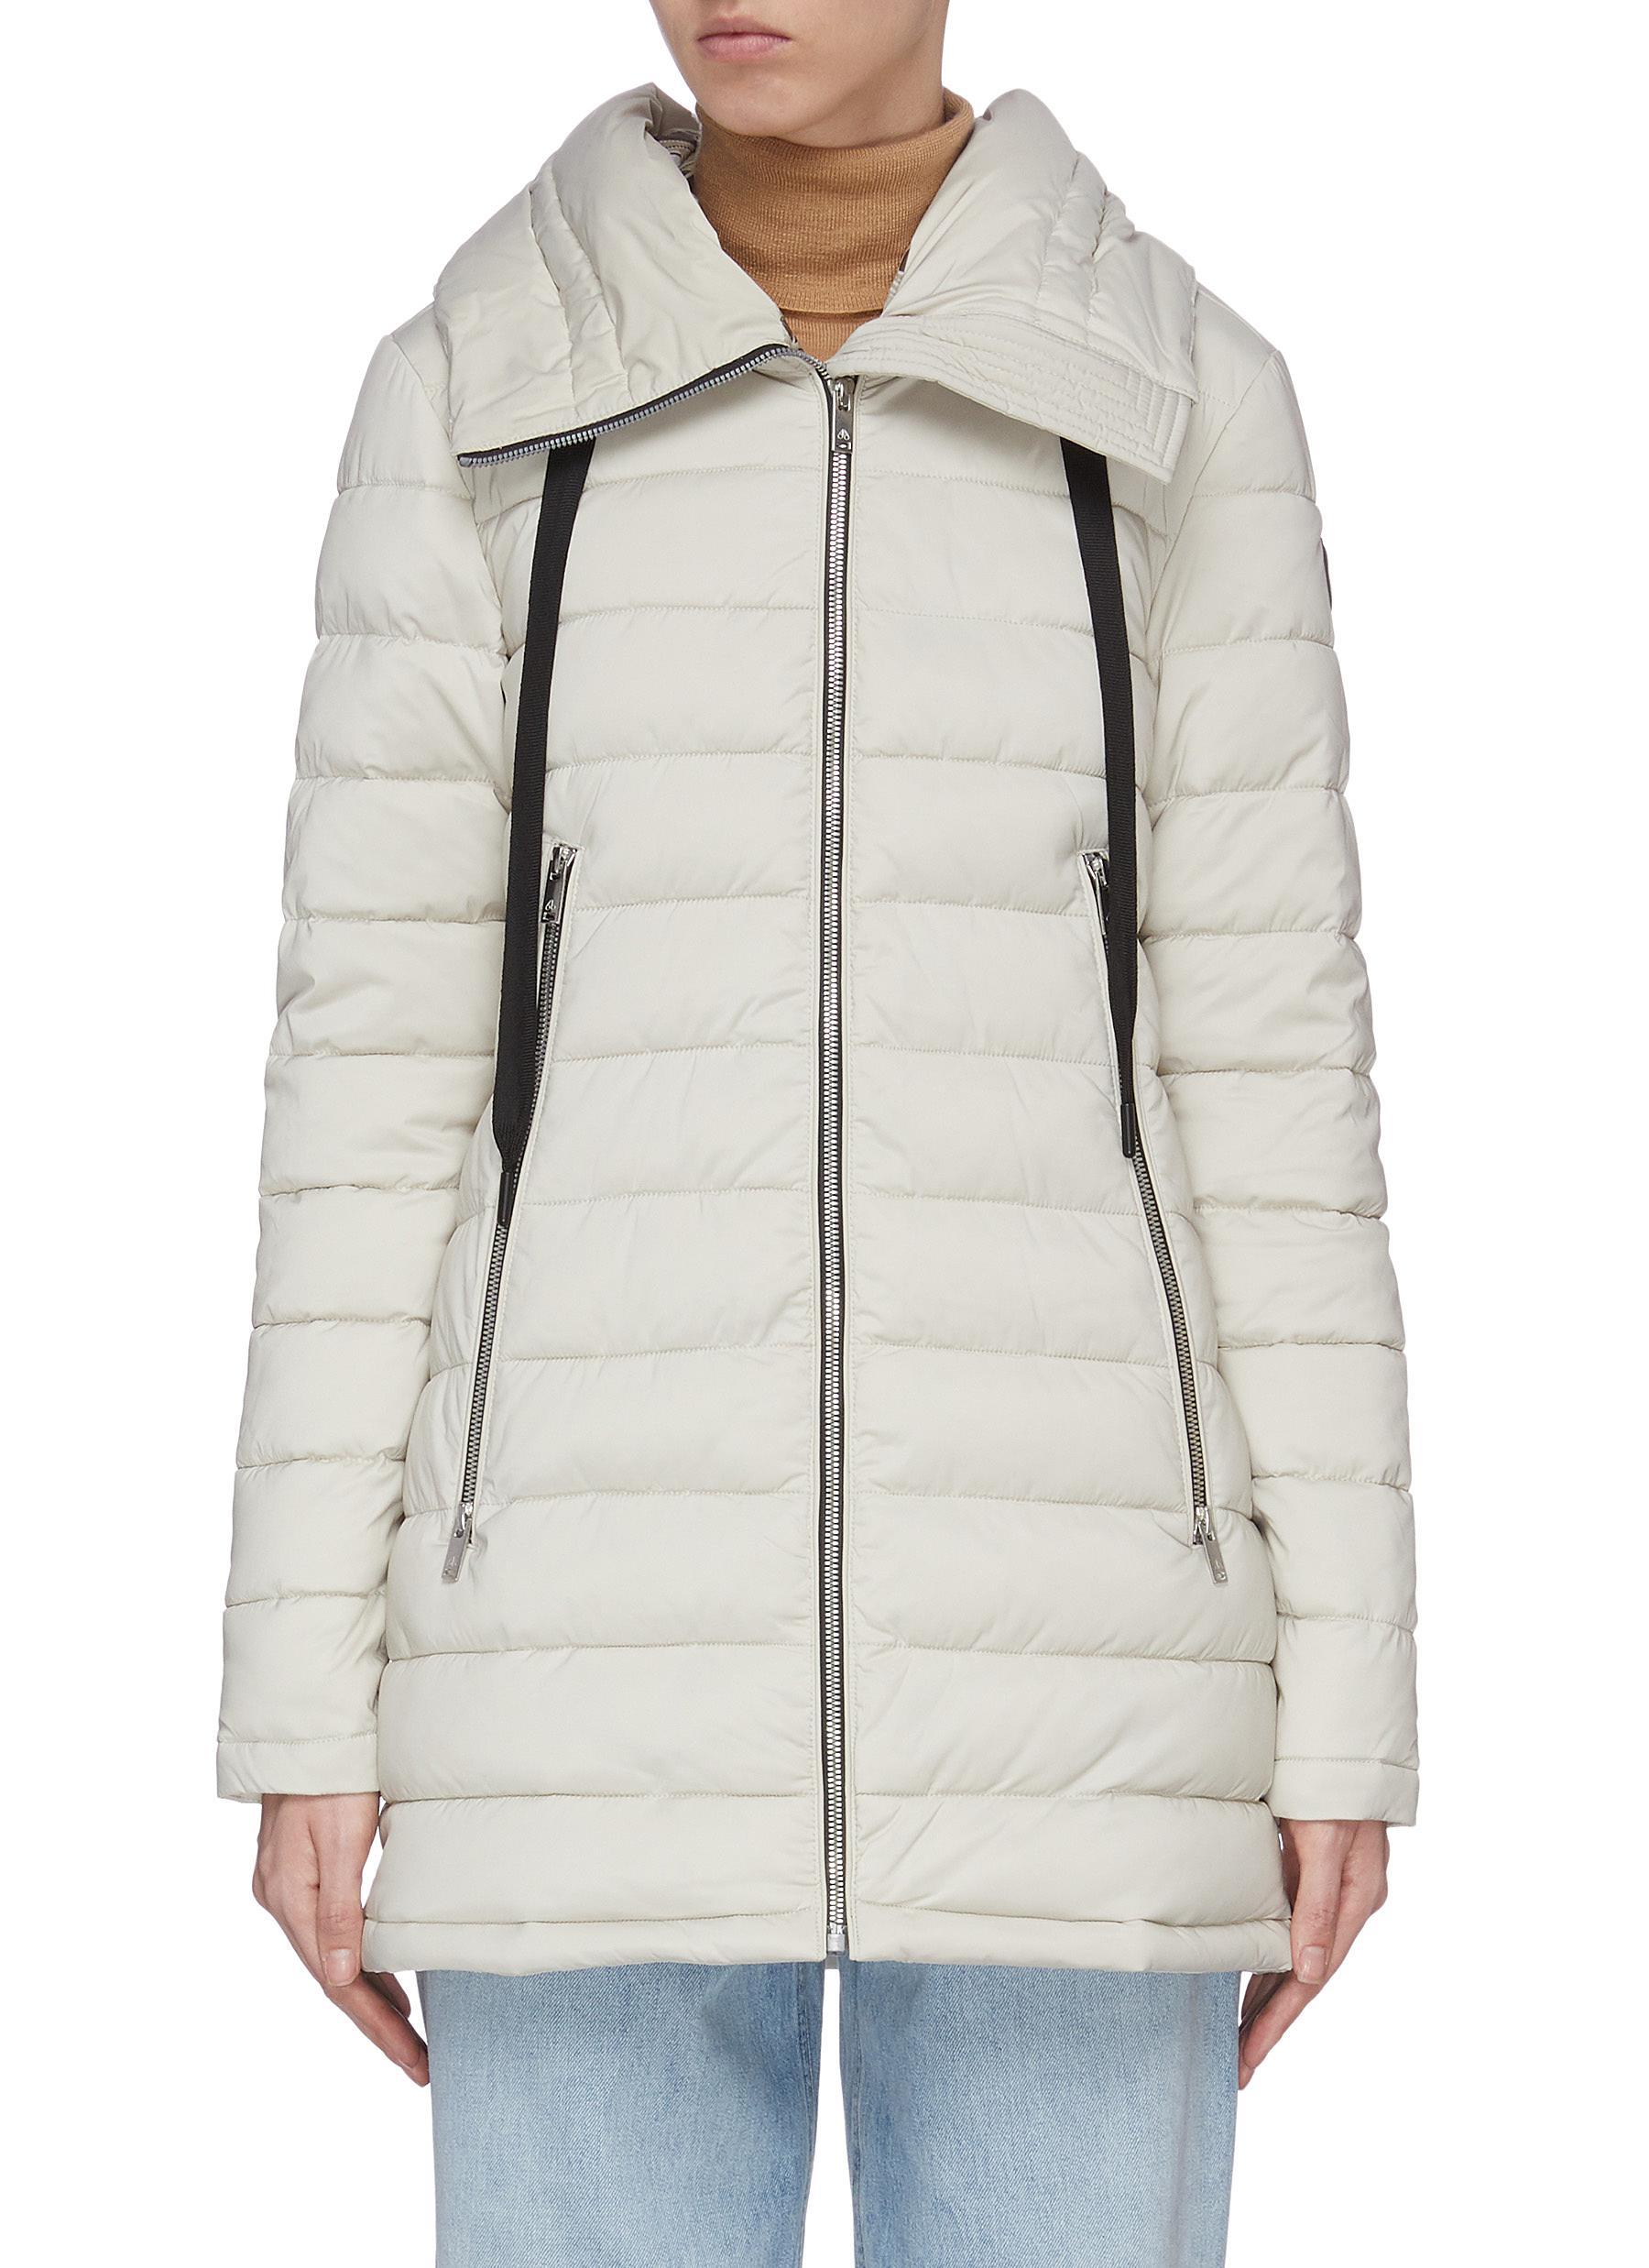 shop Moose Knuckles 'Trophy' oversize hood long puffer jacket online